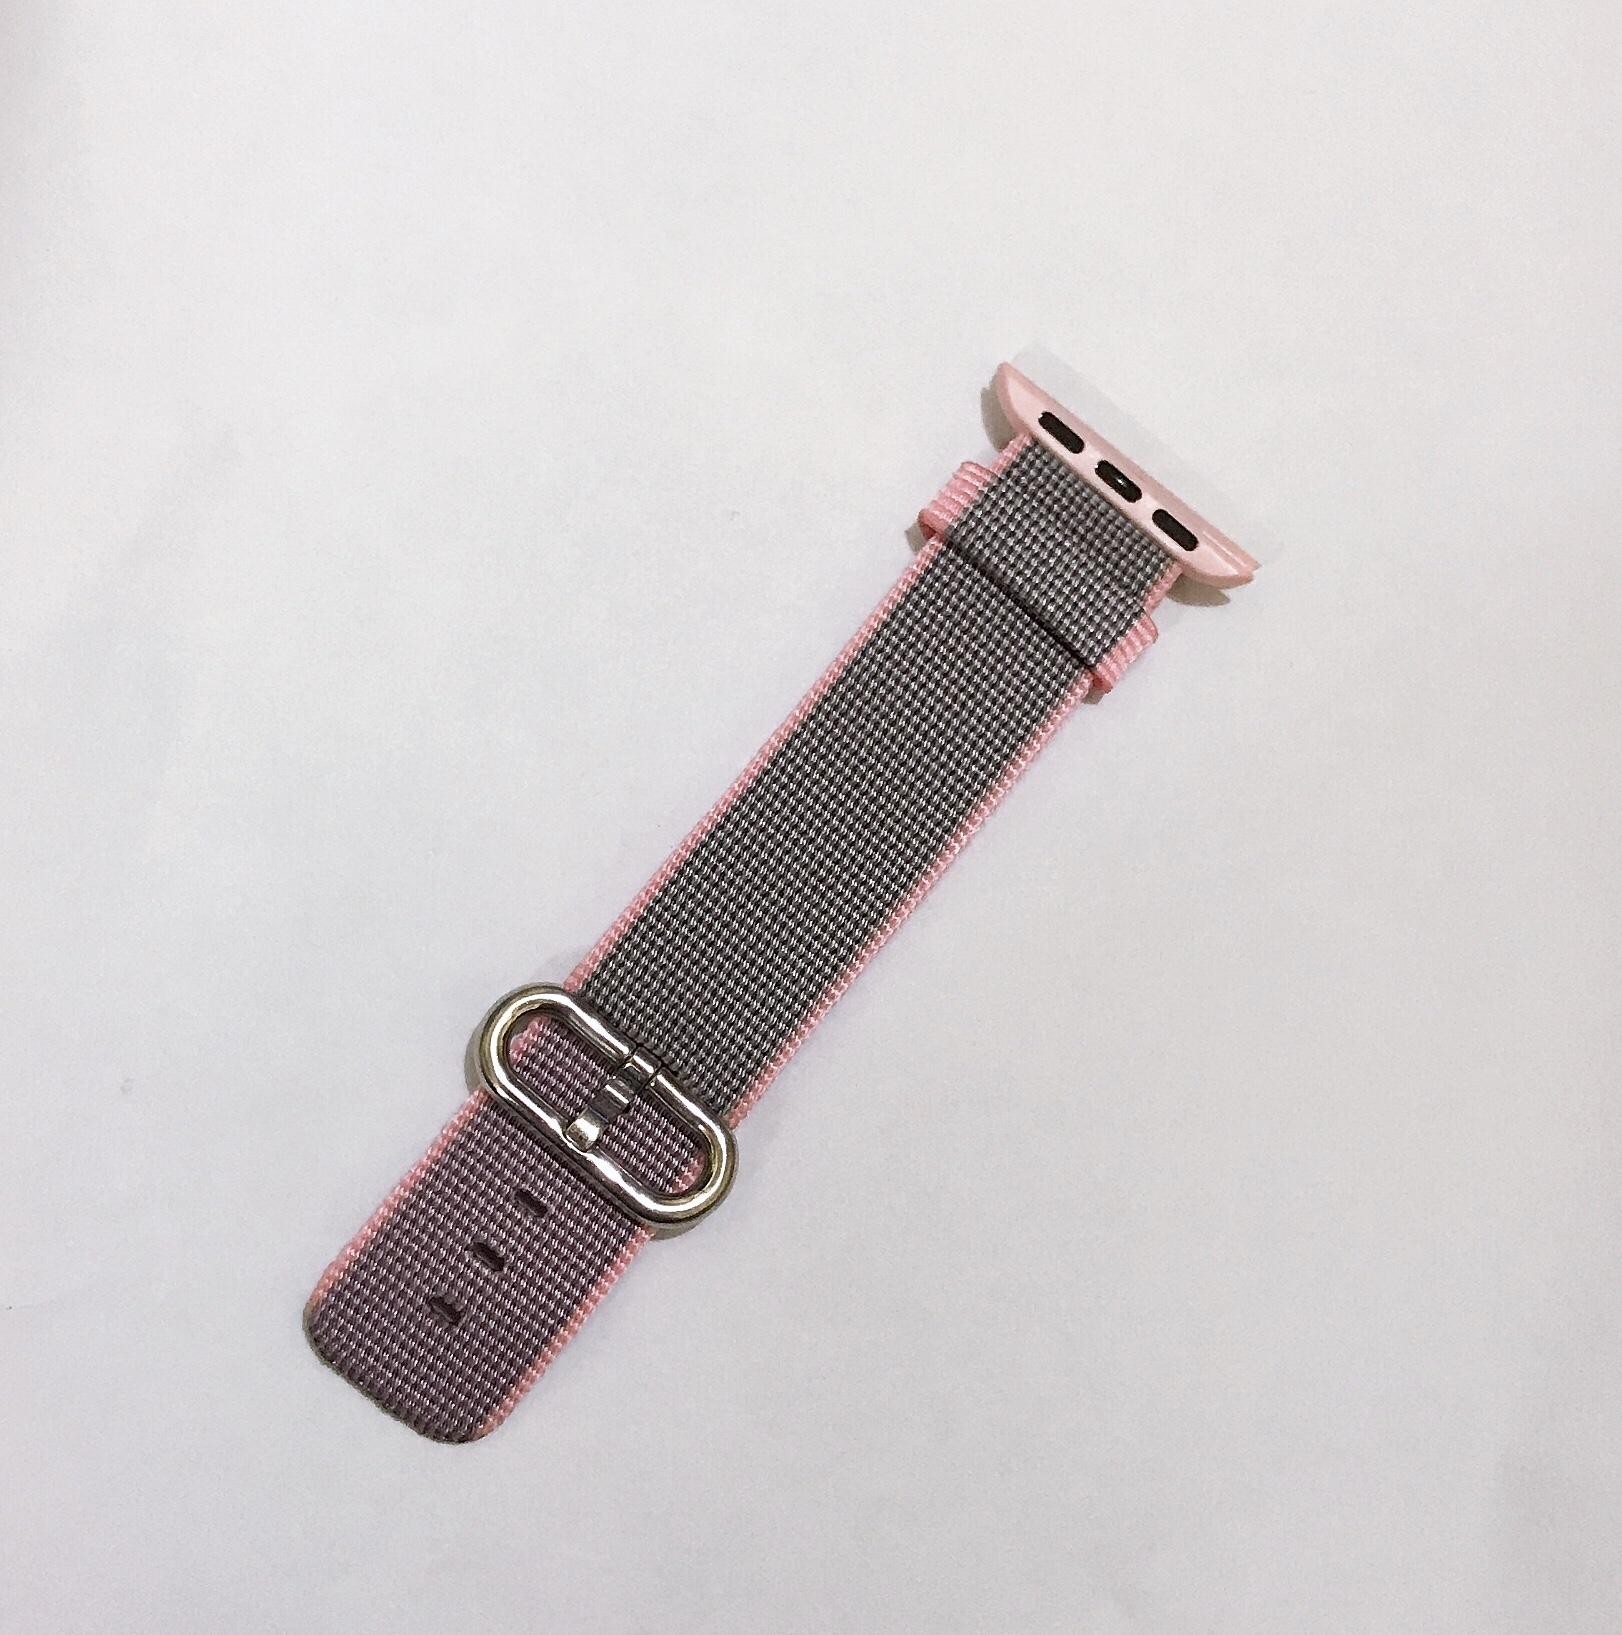 Dây đeo cho Apple Watch - Woven nylon - Xám Hồng 38mmmm